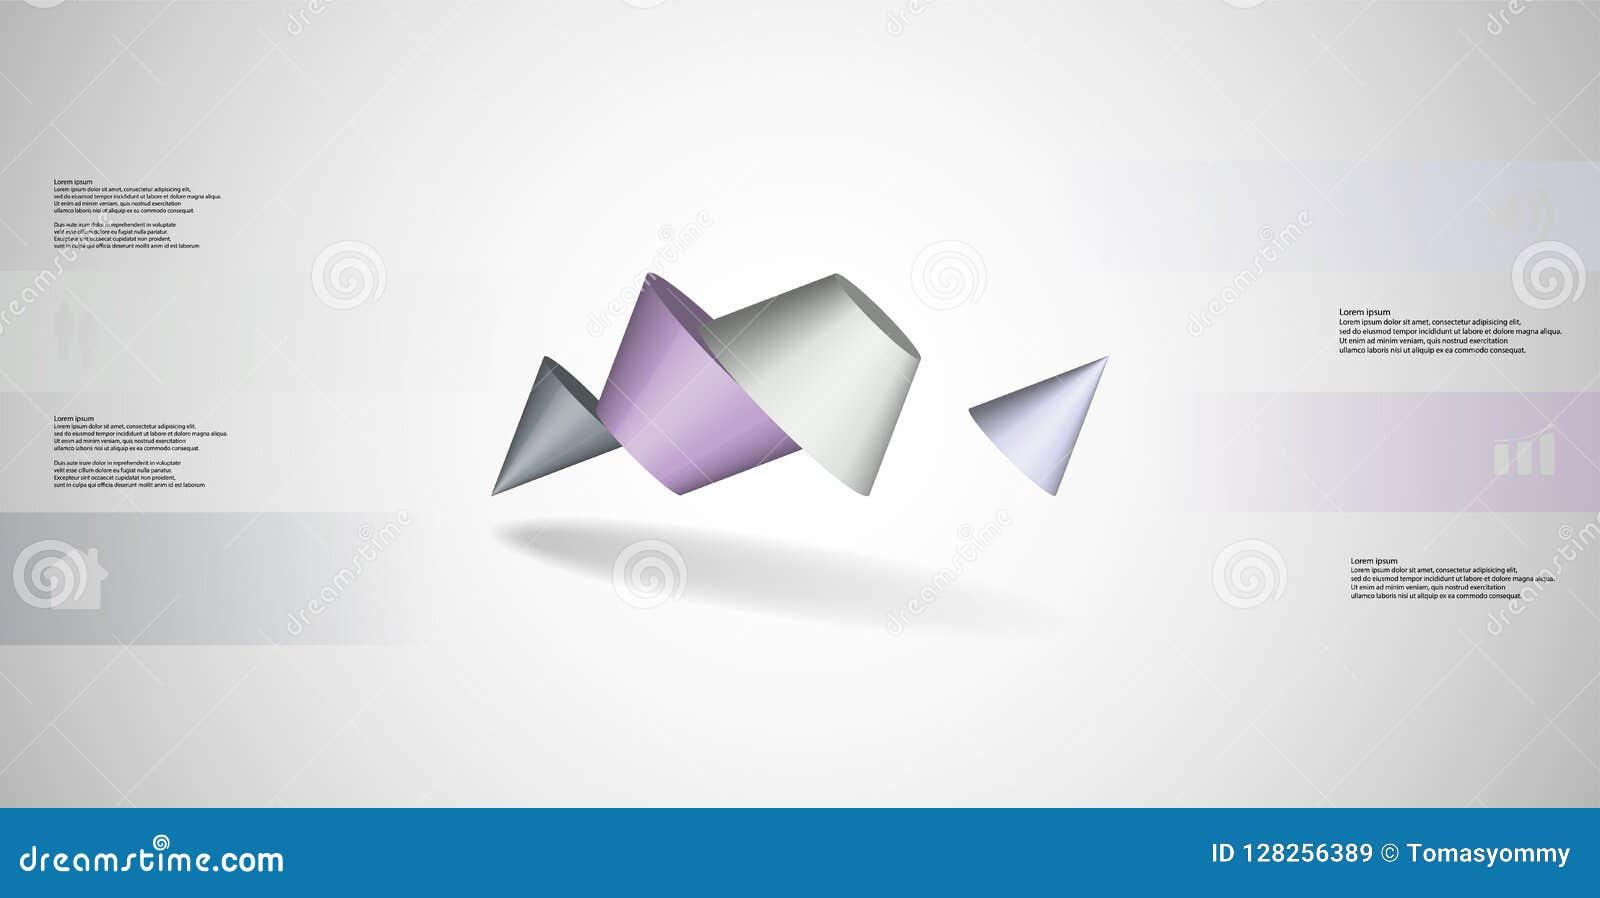 O molde infographic da ilustração 3D com dois cravou o cone dividido a quatro porções e arranjado obliquamente